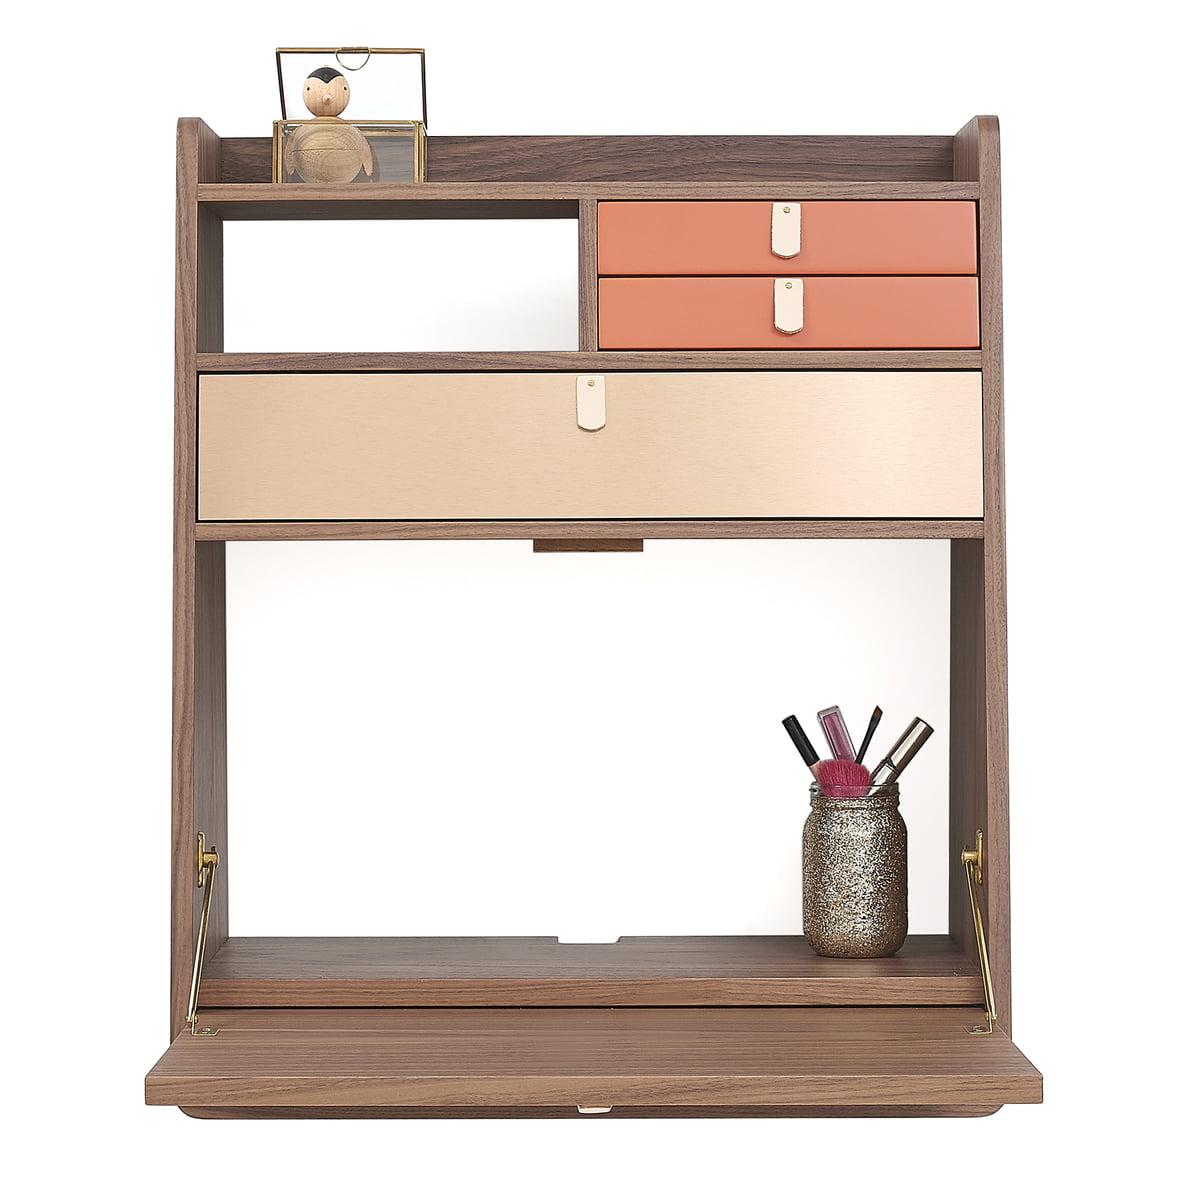 Buy The Gaston Wall Secretary Desk By Hart 244